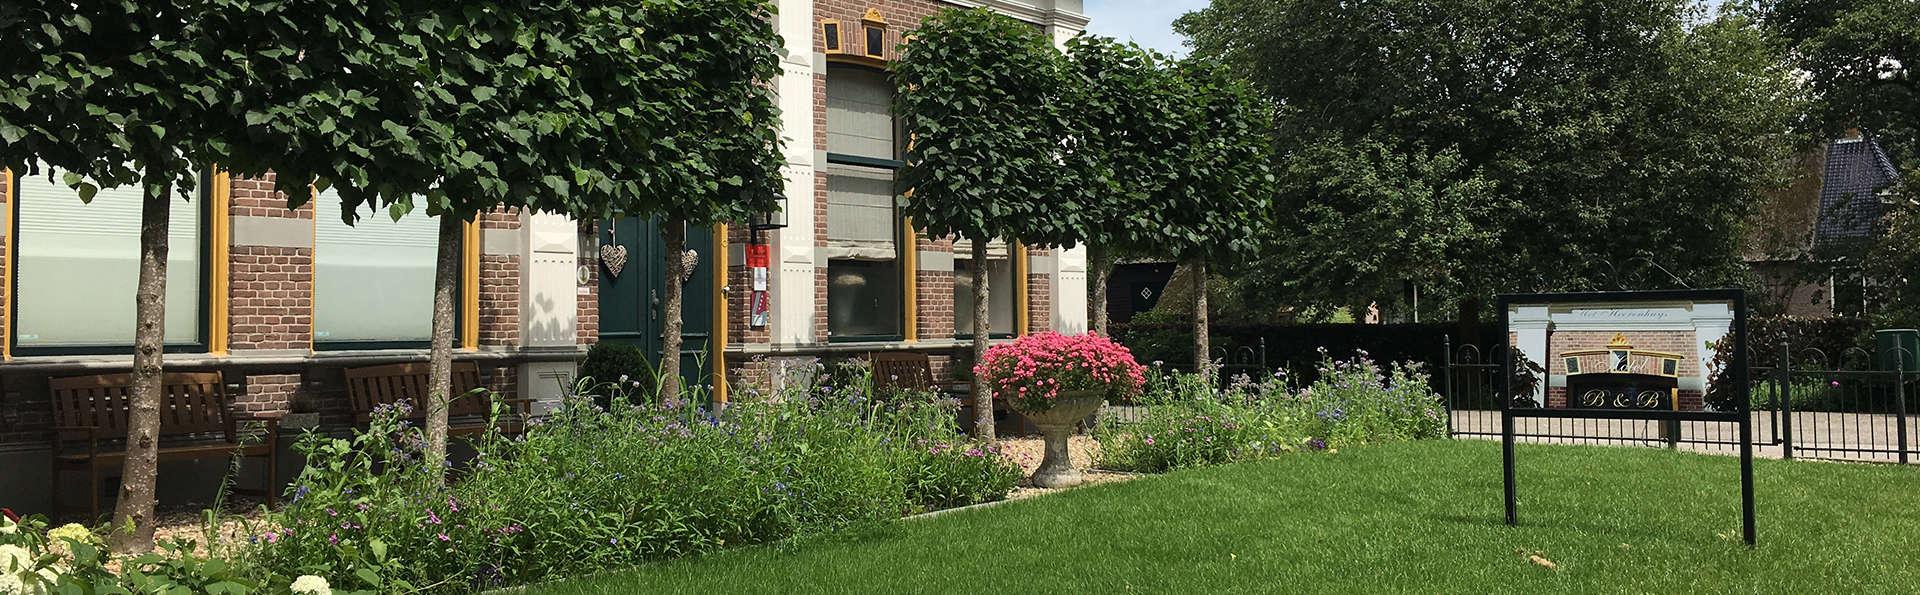 Romance et confort dans un bâtiment du 19ème siècle à Drenthe